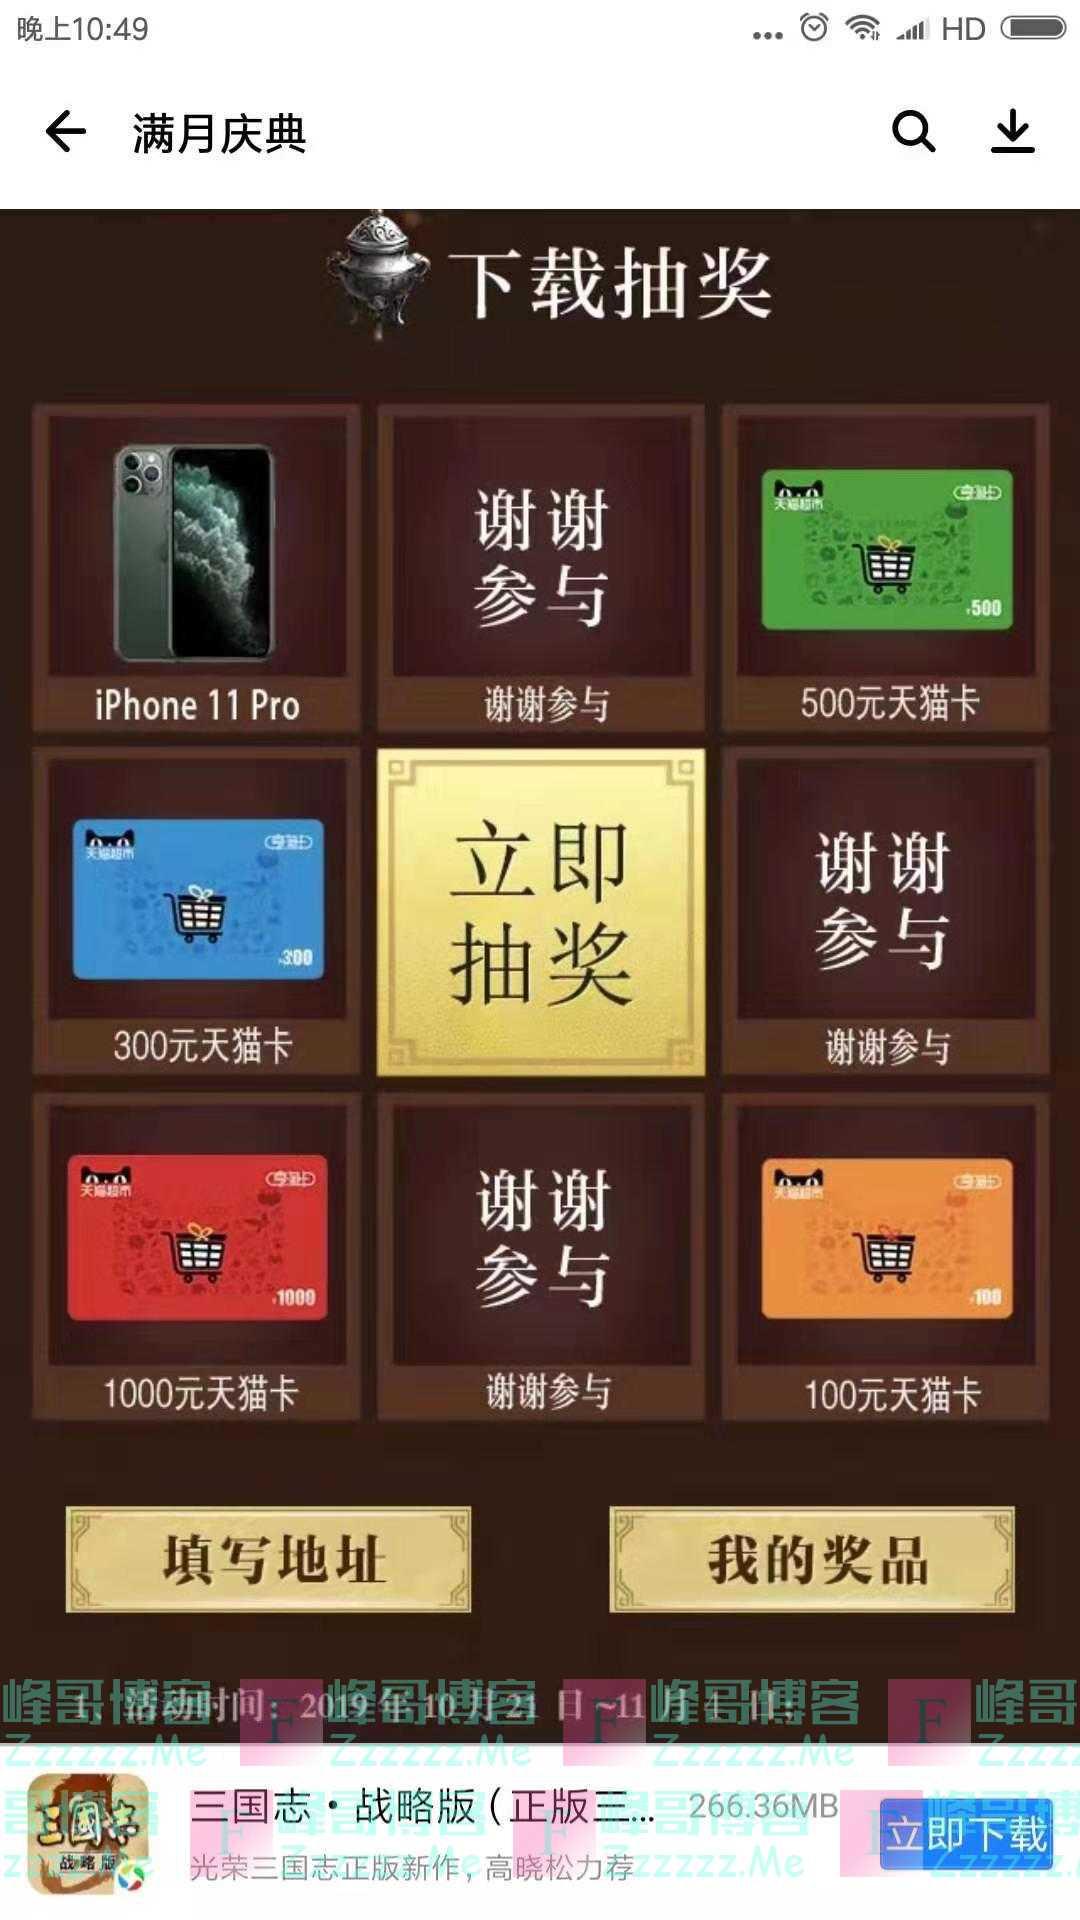 应用宝三国志战略版 下载抽奖(截止10月27日)